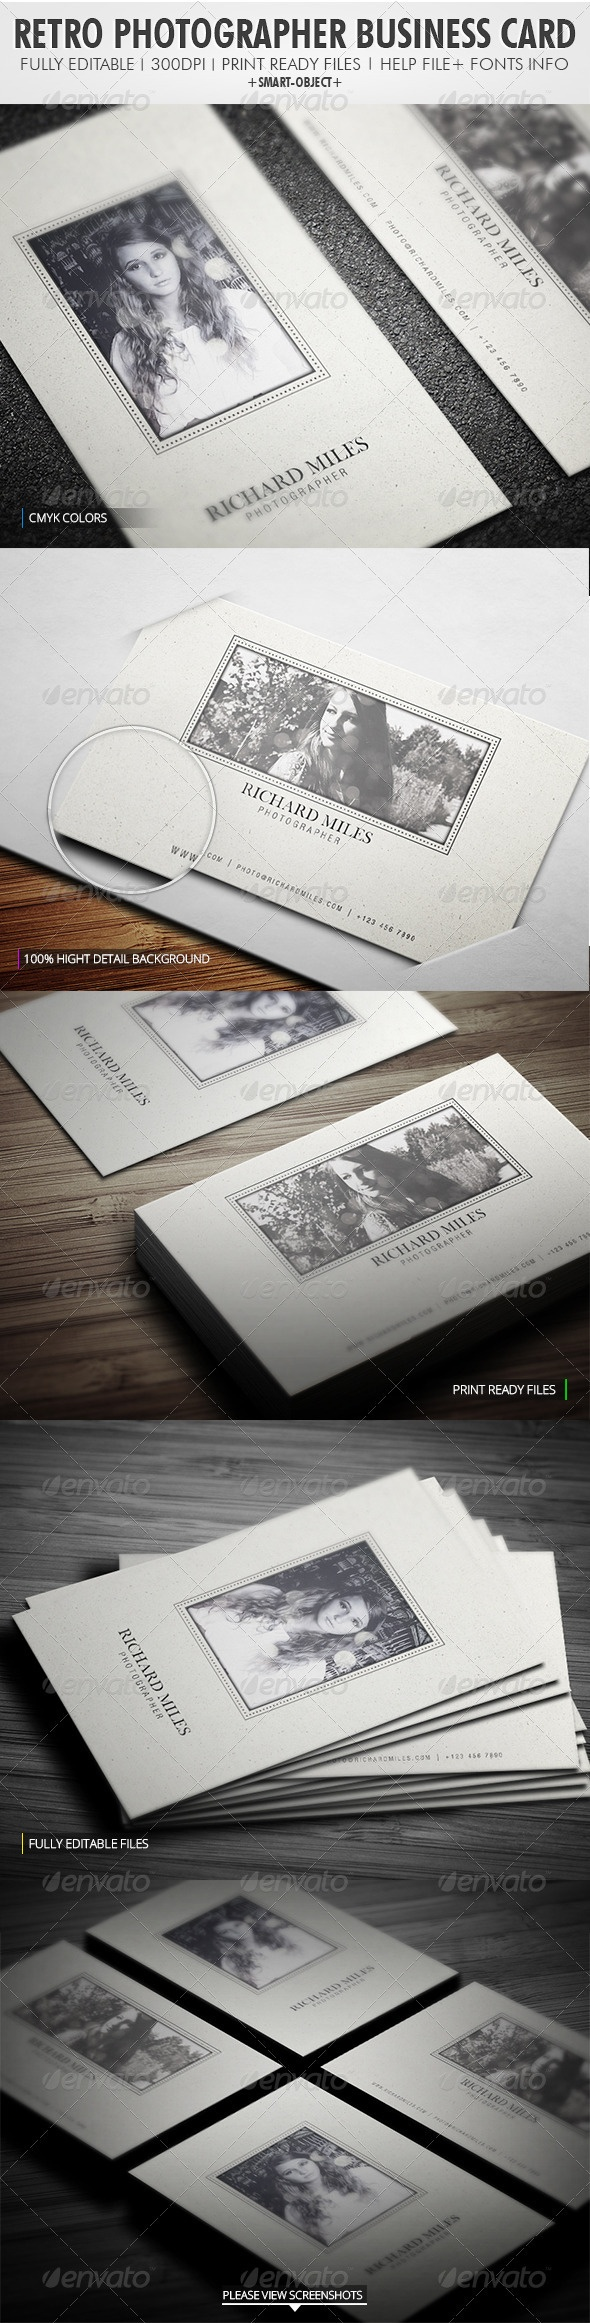 Retro Photographer Business Card http://graphicriver.net/item/retro-photographer-business-card/4036370?WT.ac=portfolio_1=portfolio_author=Realstar